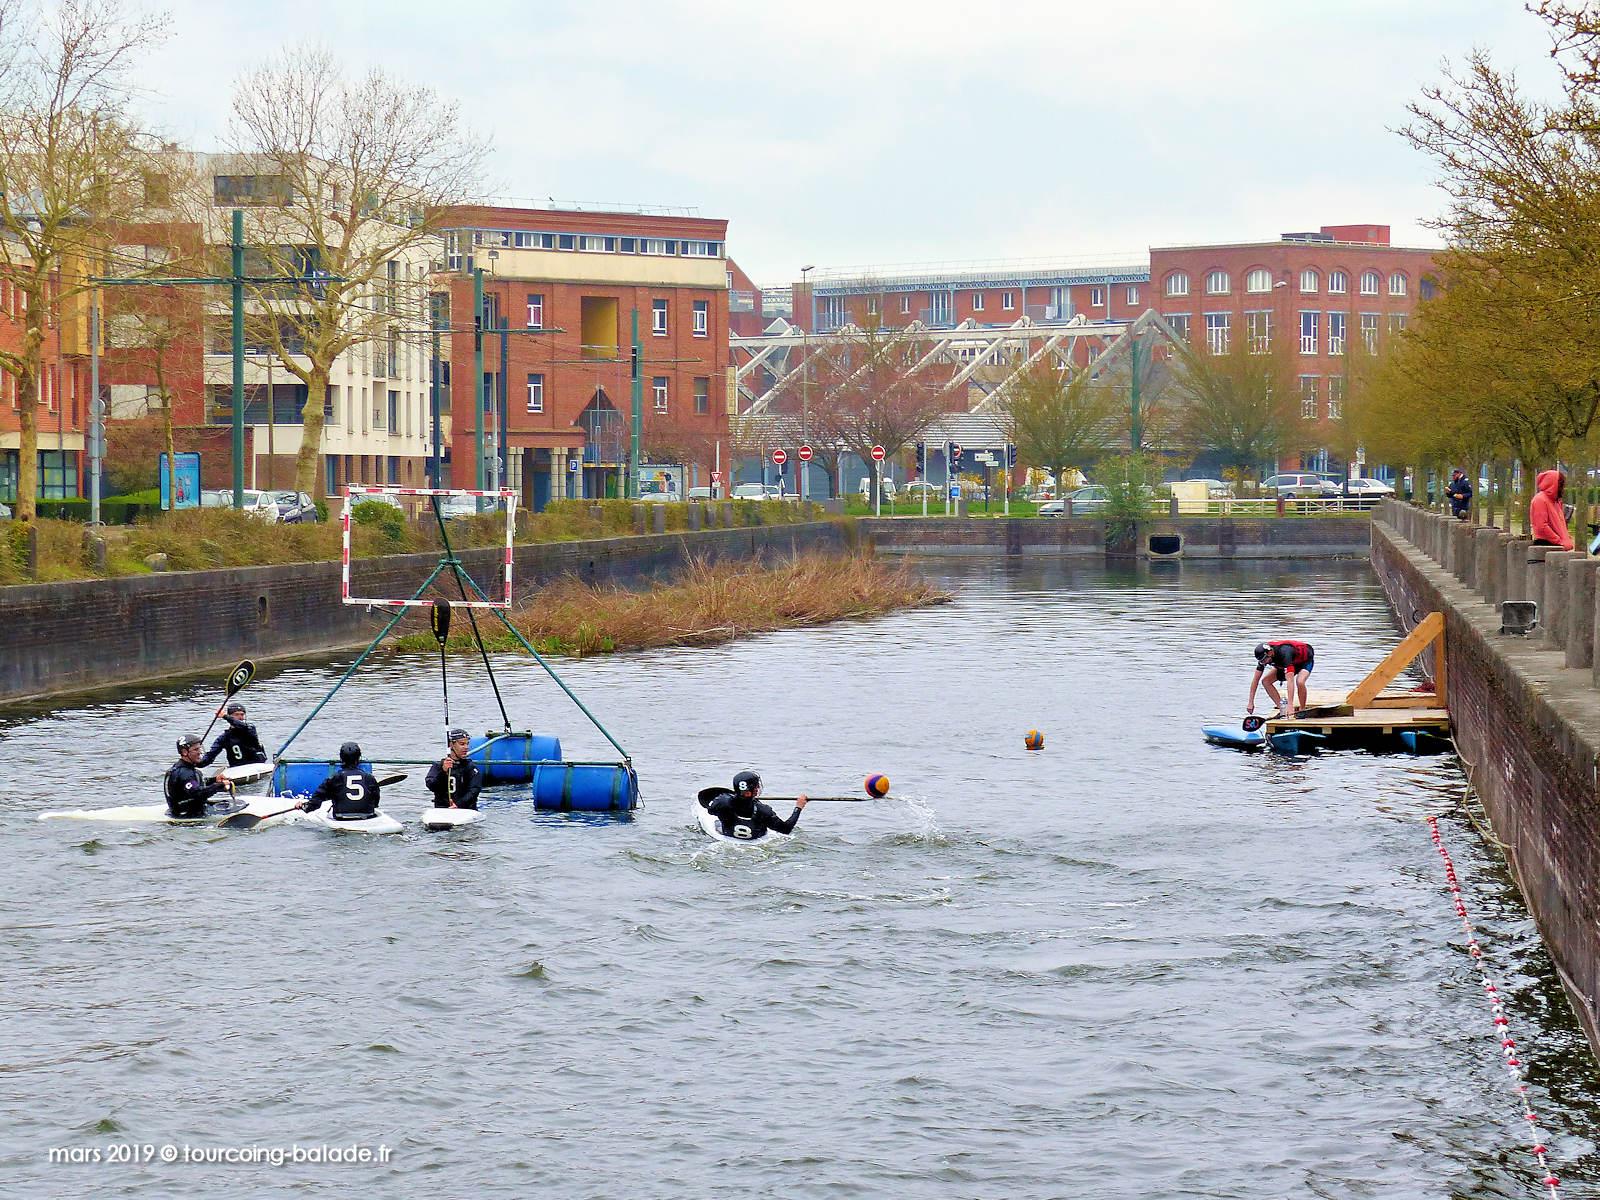 Kayak-Polo, Canal de Tourcoing, 2019